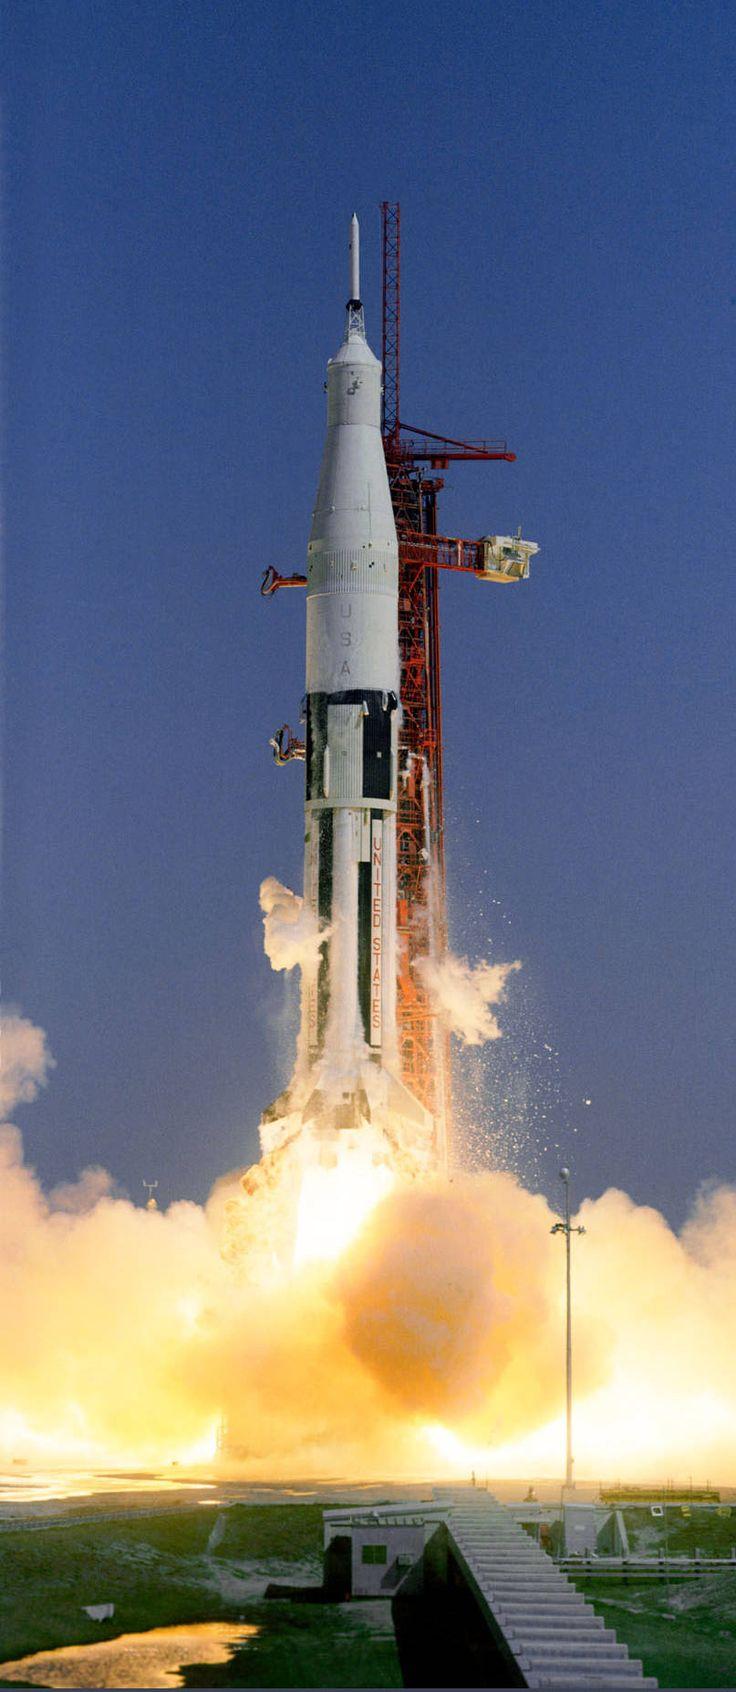 【今日の歴史】1969年7月16日の事【アポロ11号】 月にクルーを降ろした世界初の有人「月」宇宙船打ち上げ! #history #space #USA #歴史 #science